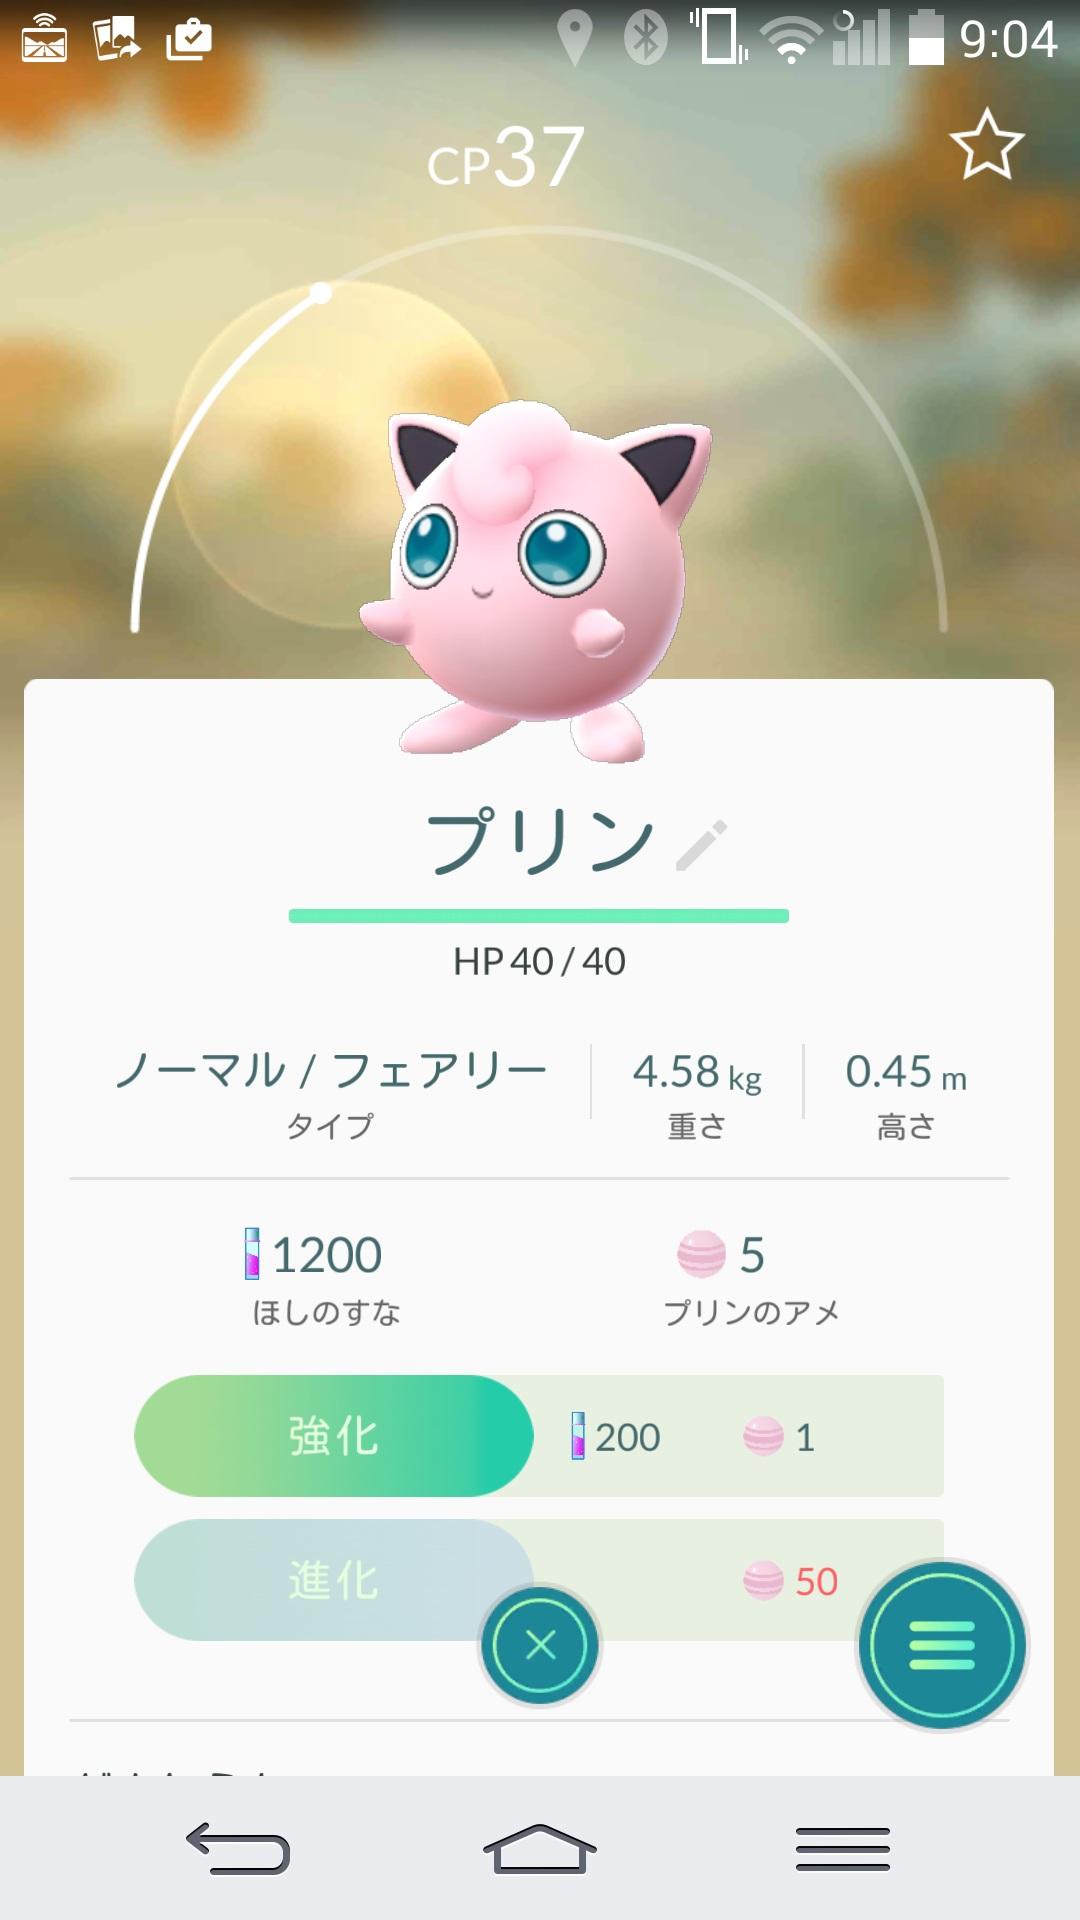 ポケモンgo タマゴ孵化(ふか) 2km(2キロ)のモンスター一覧